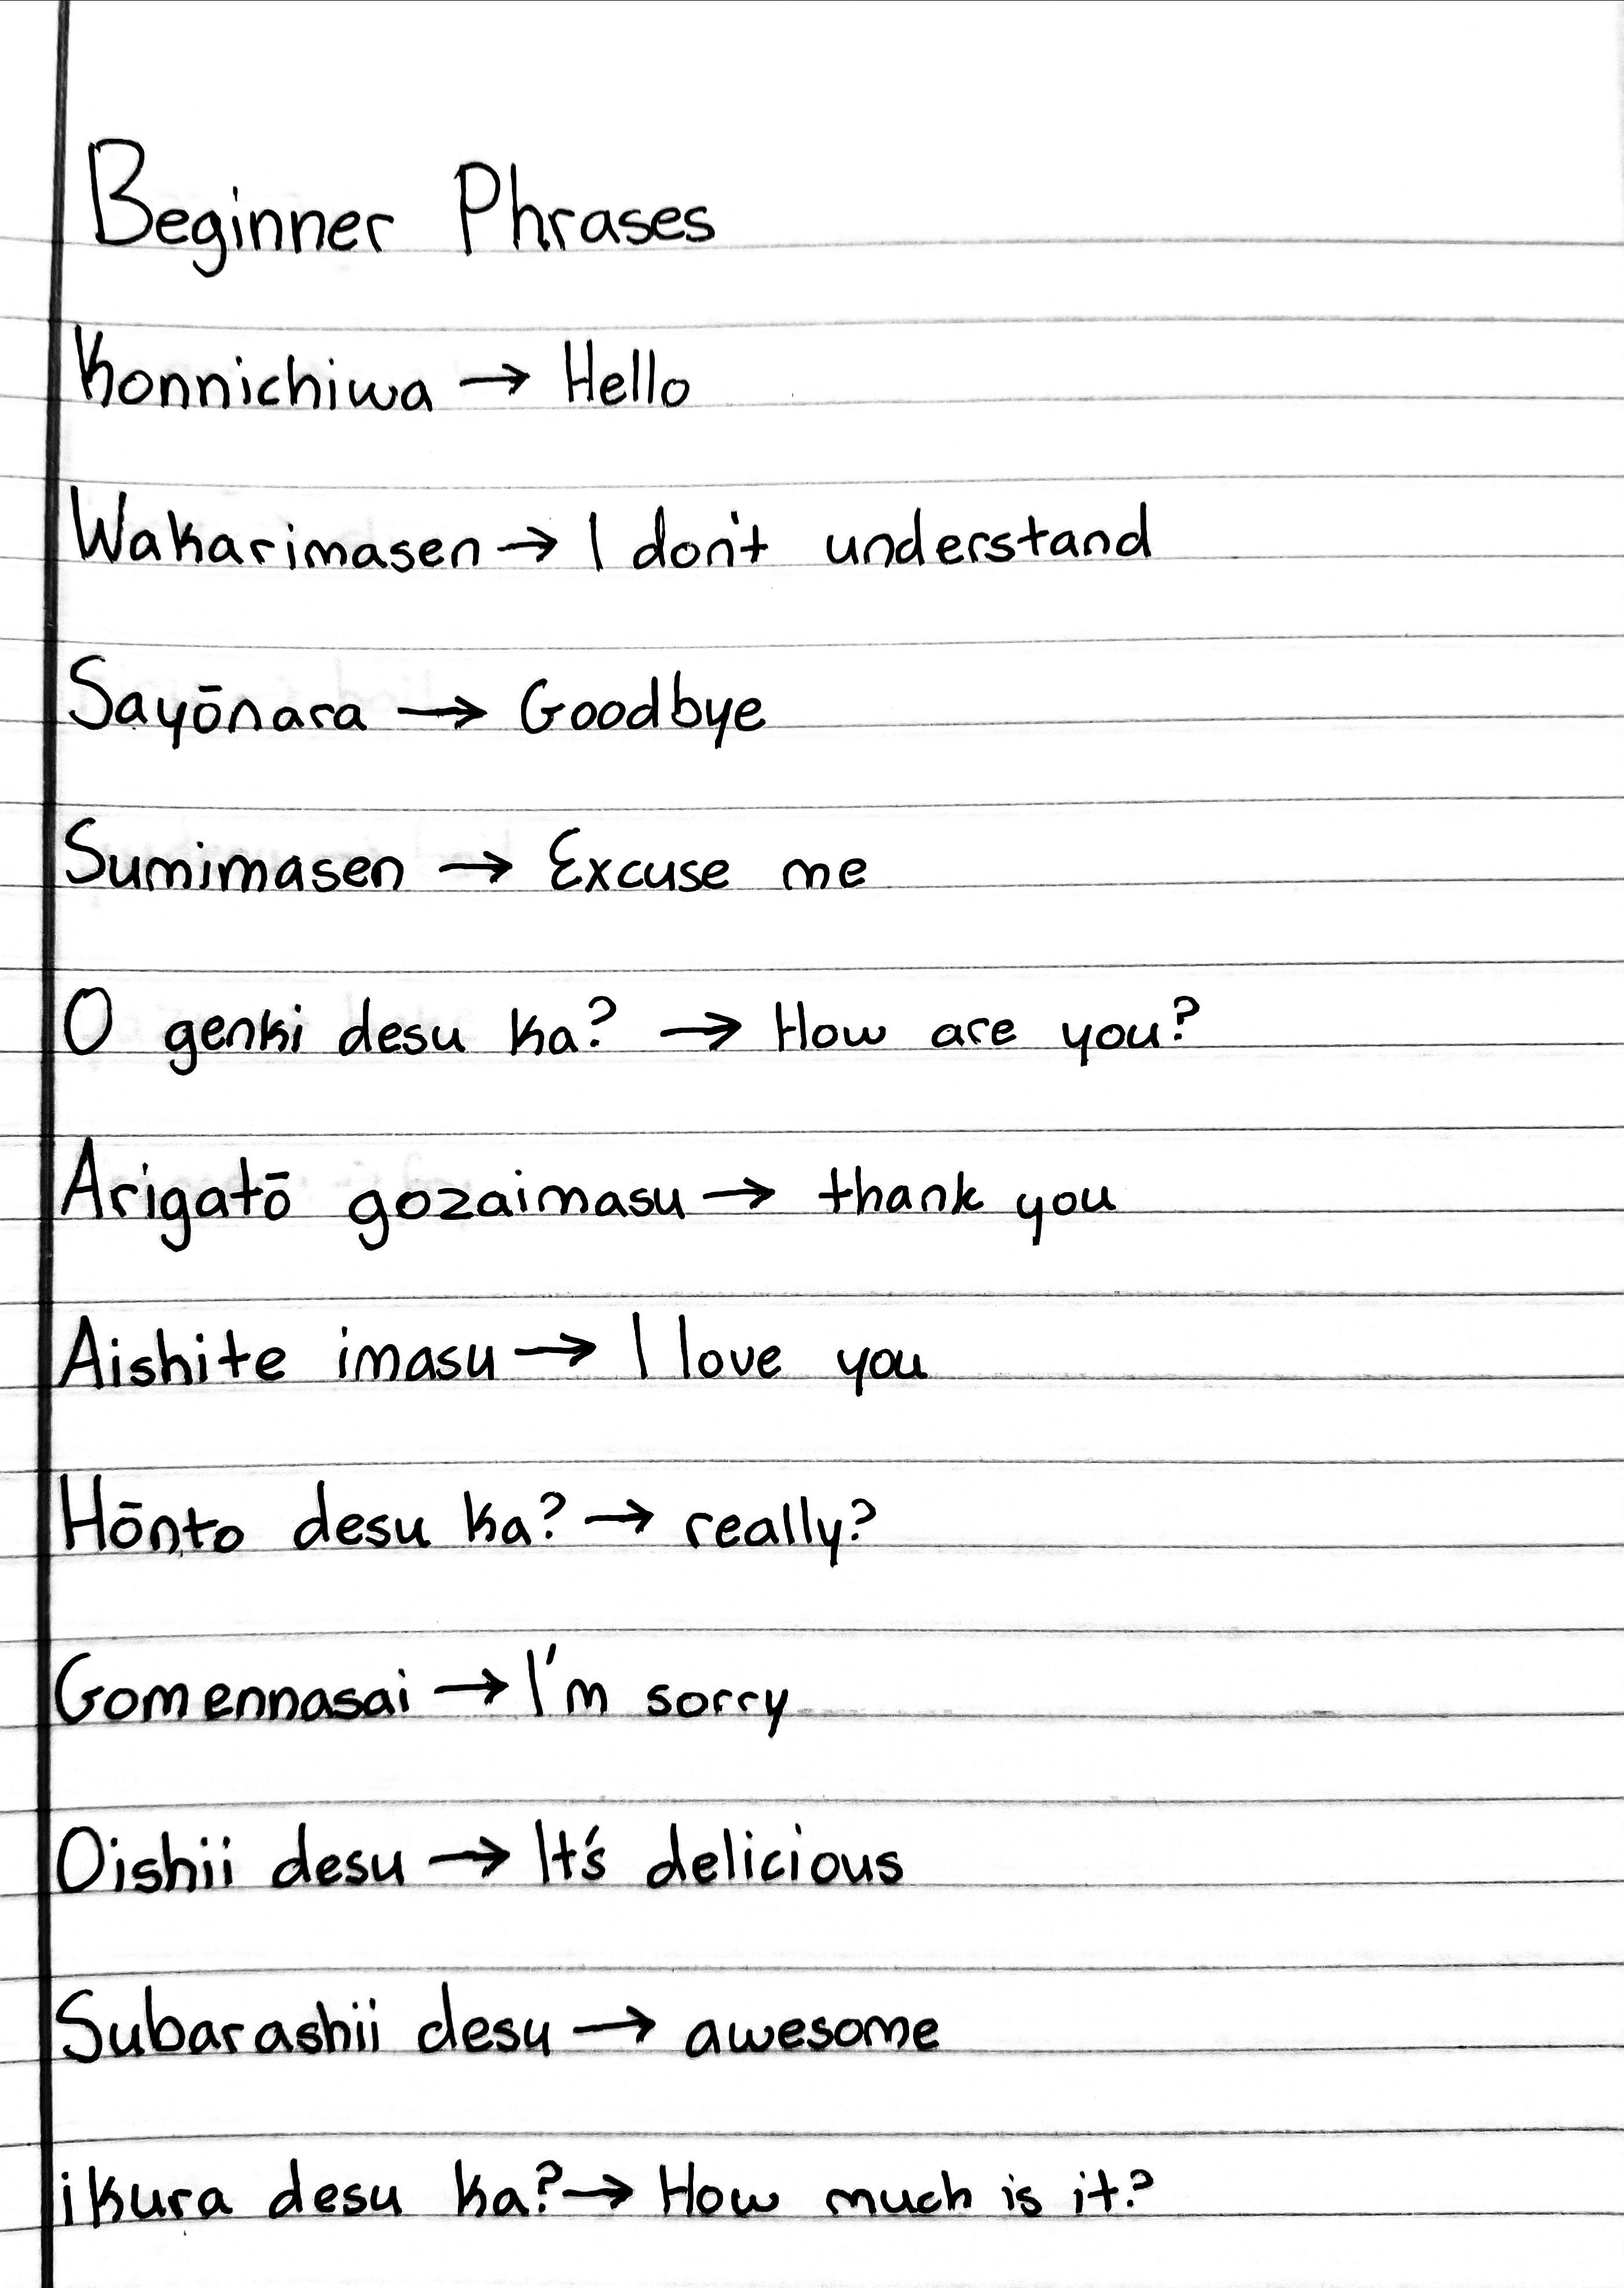 Beginner Phrases